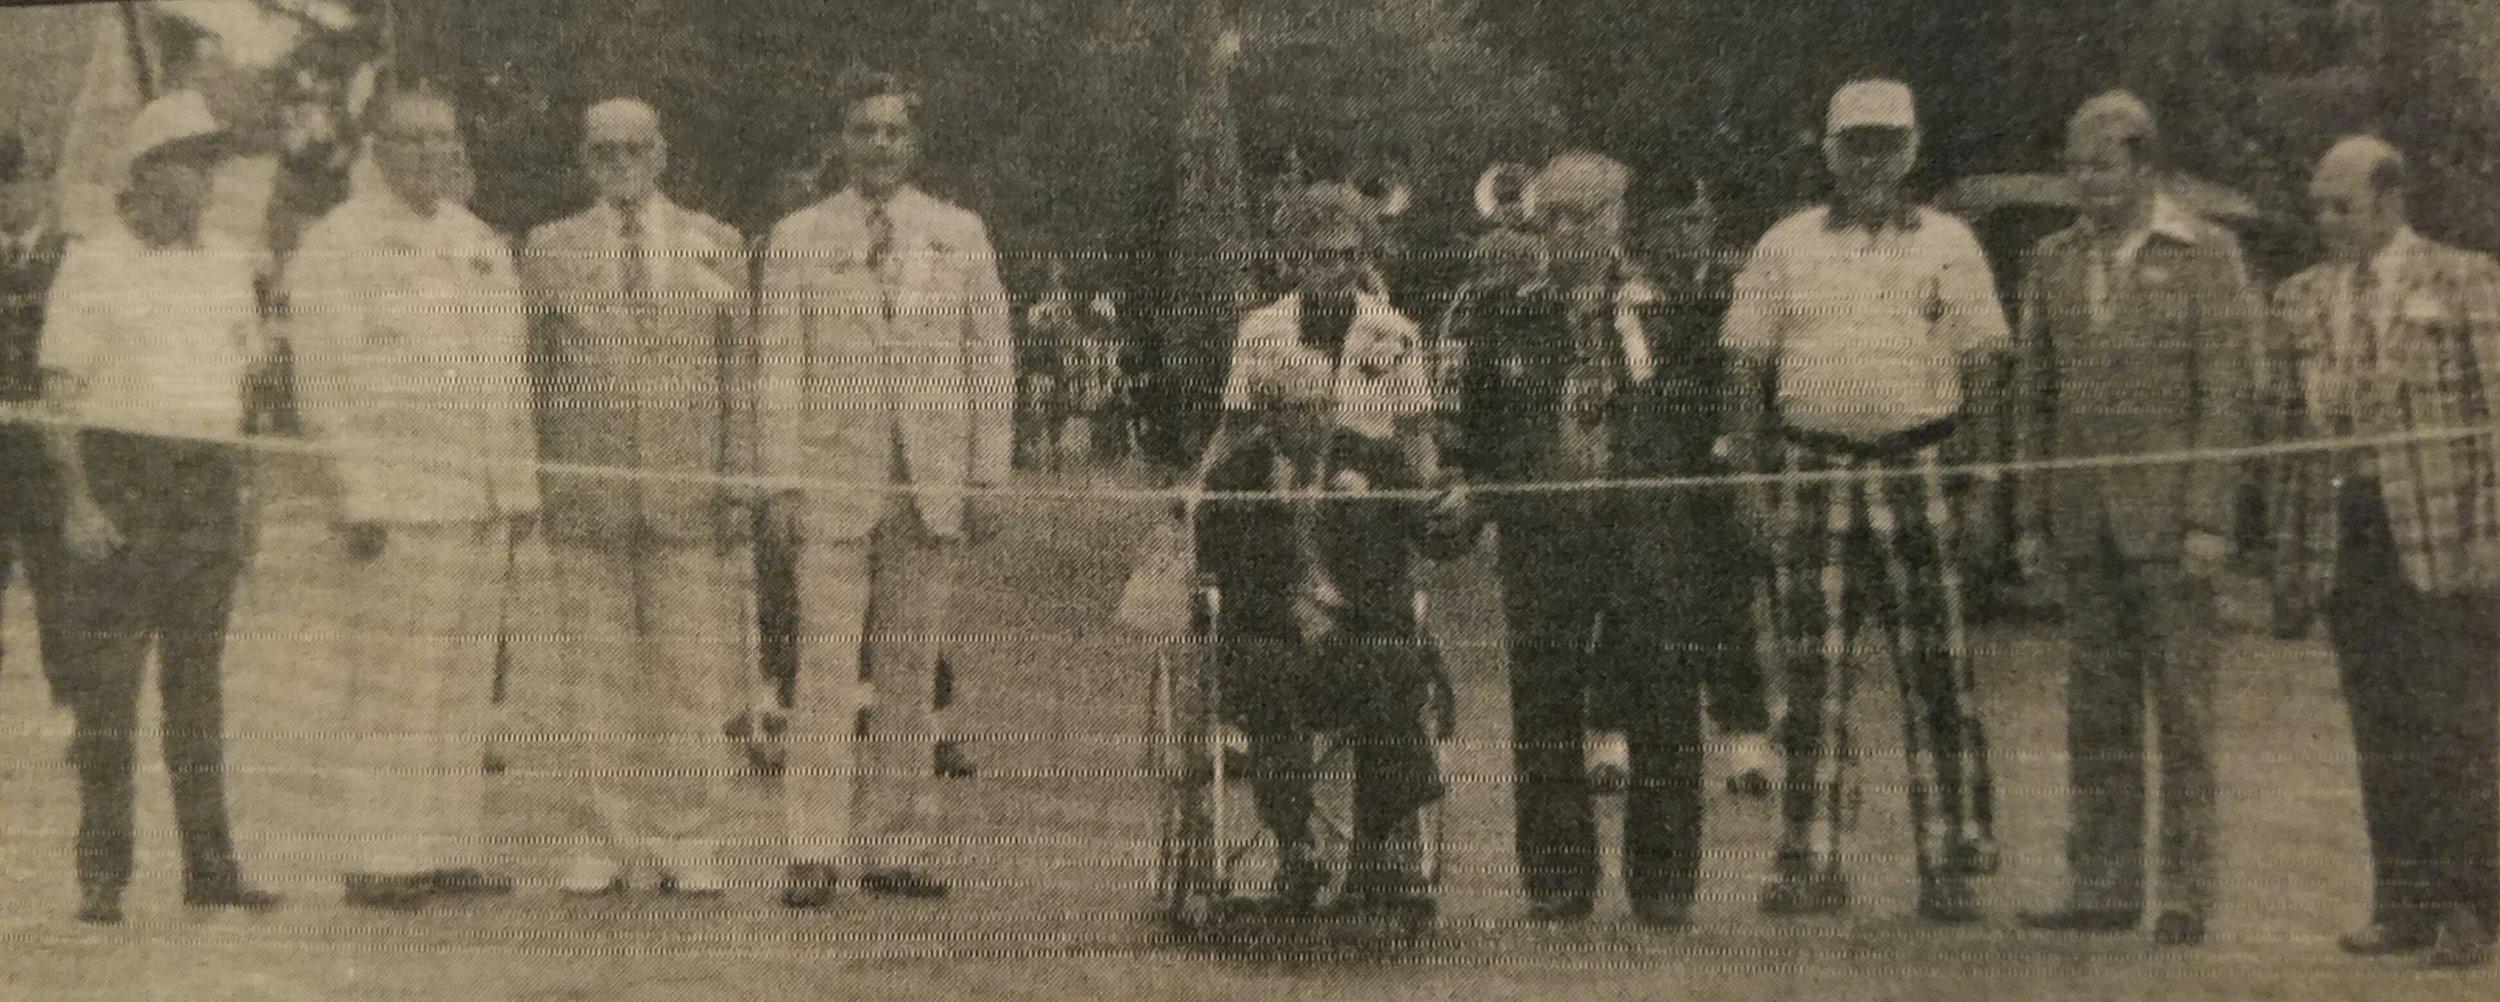 1977 - Frank & Ella Wisdorf